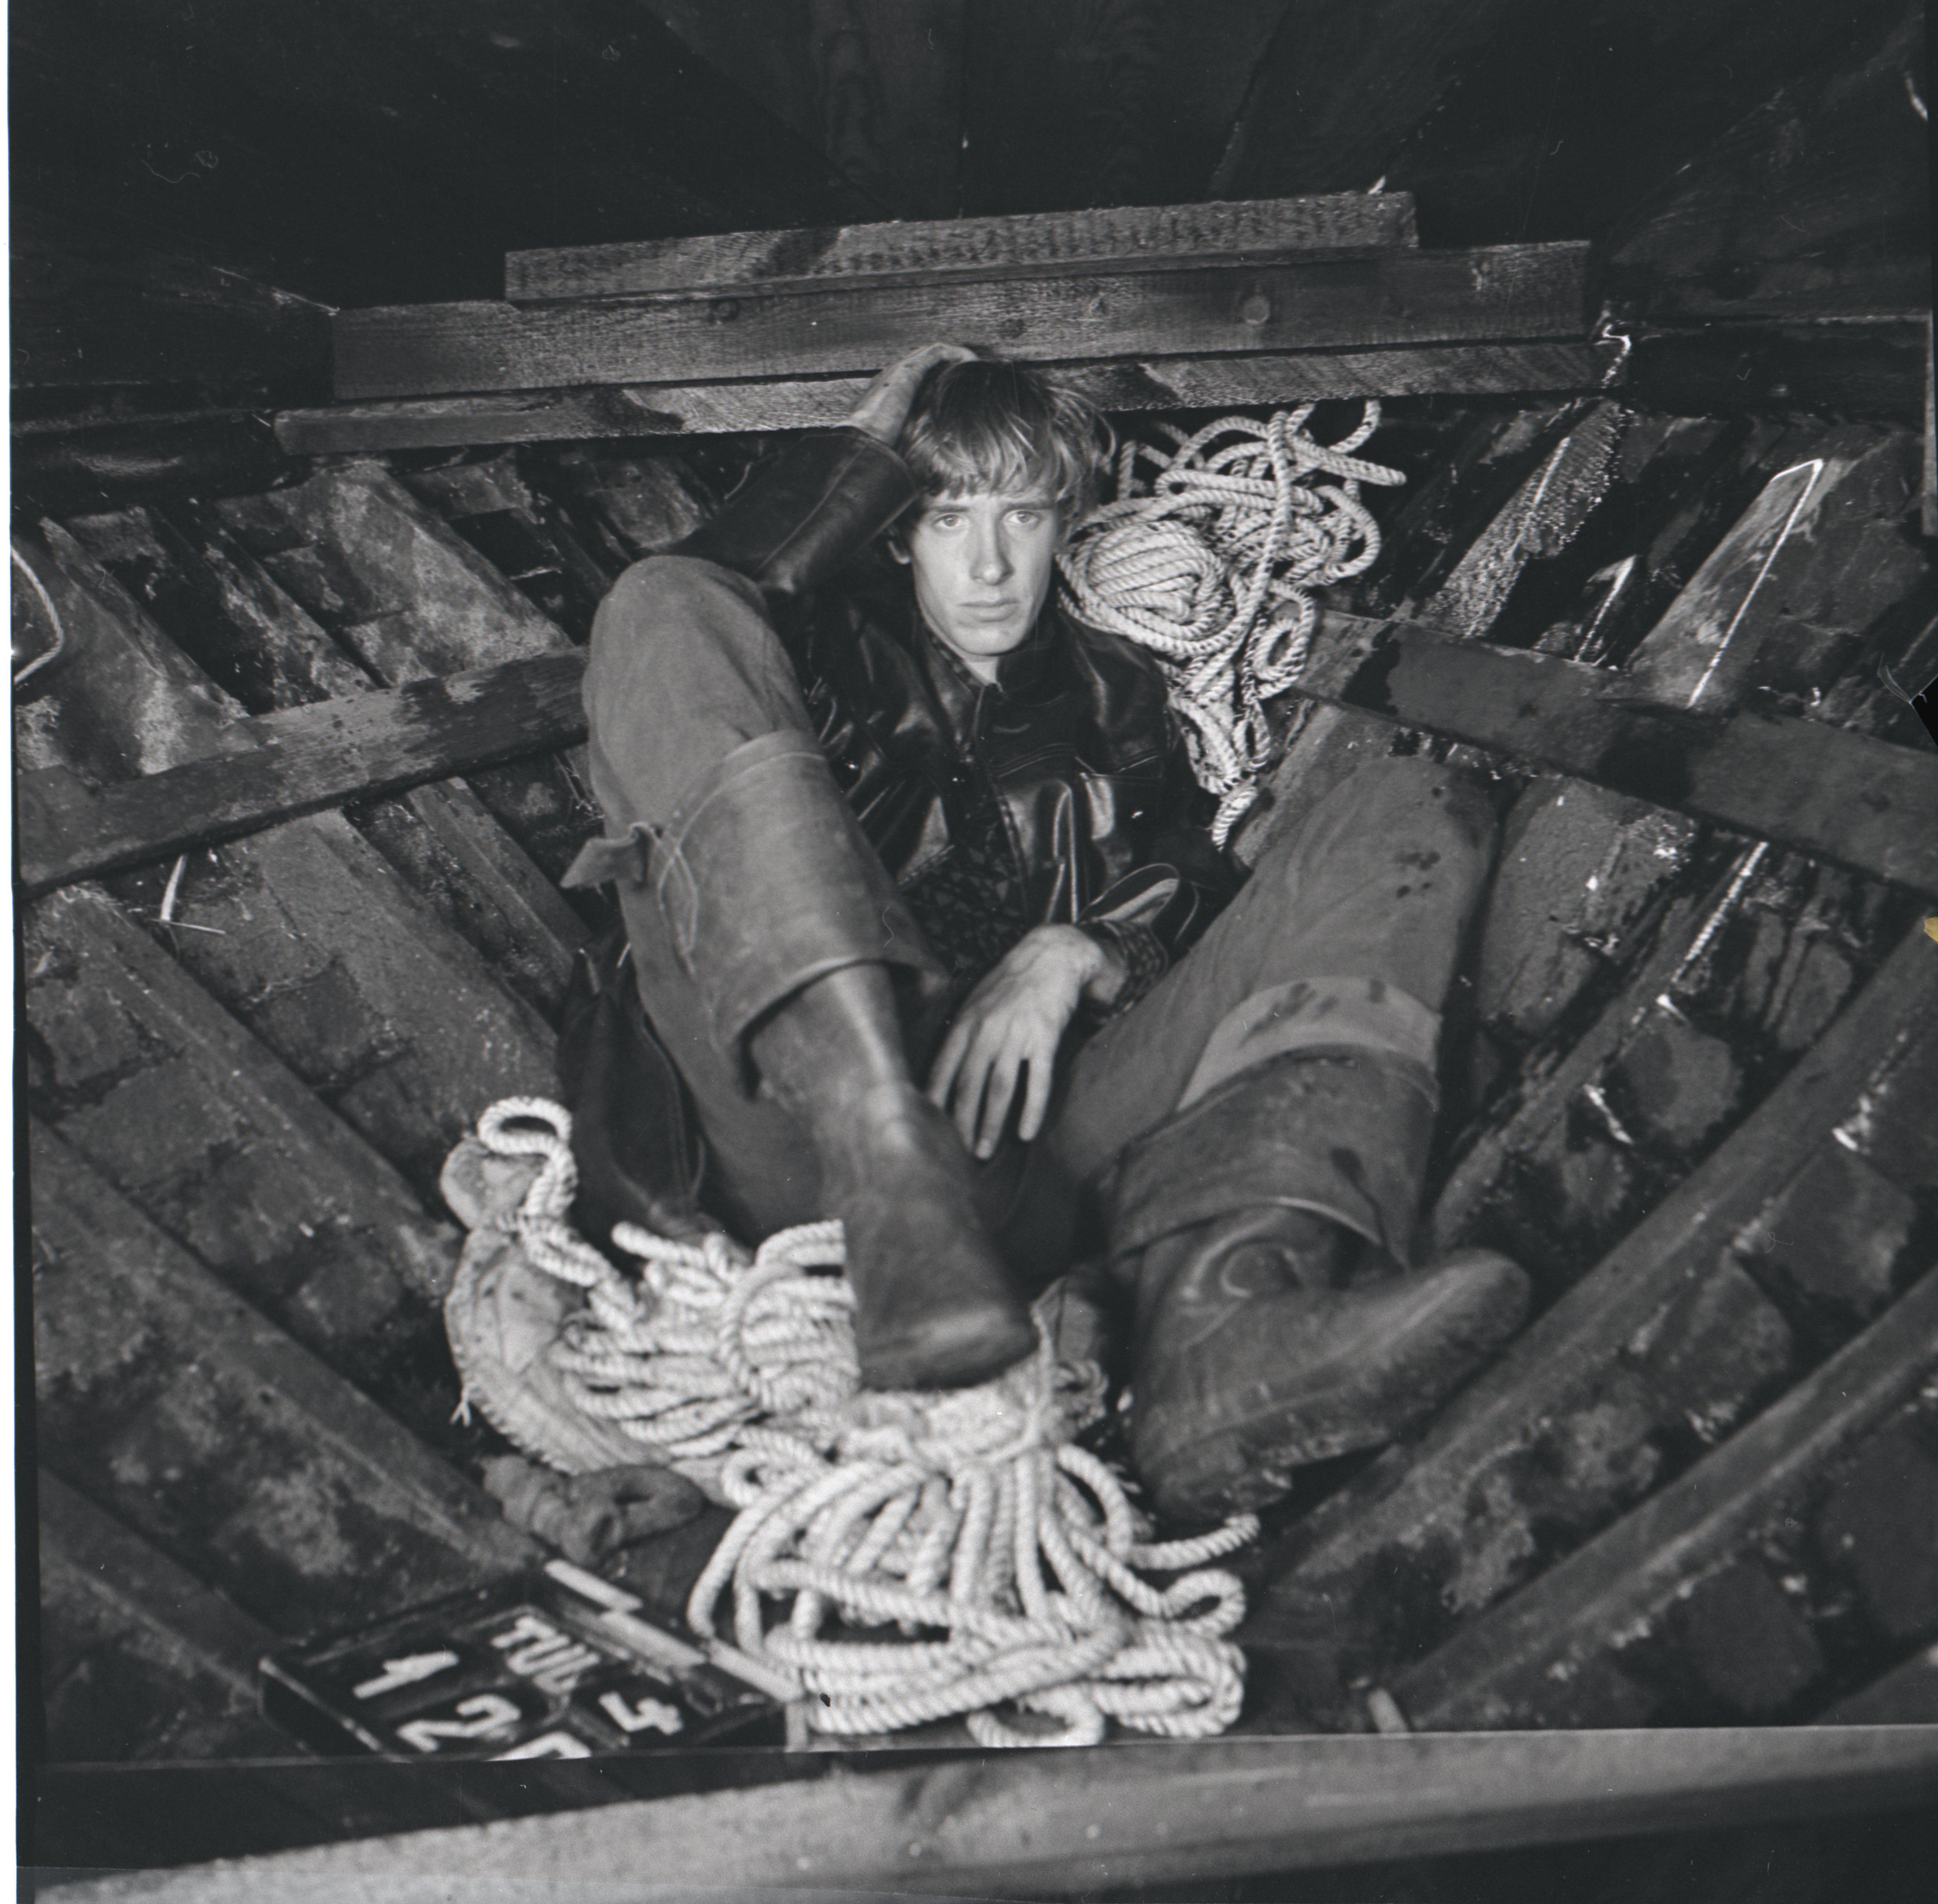 """EFA 0-213801 Mängufilm """"Tuulevaikus"""" – Tuisu-Taavi – Lembit Ulfsak. Foto: Oti Vasemaa, 1970"""